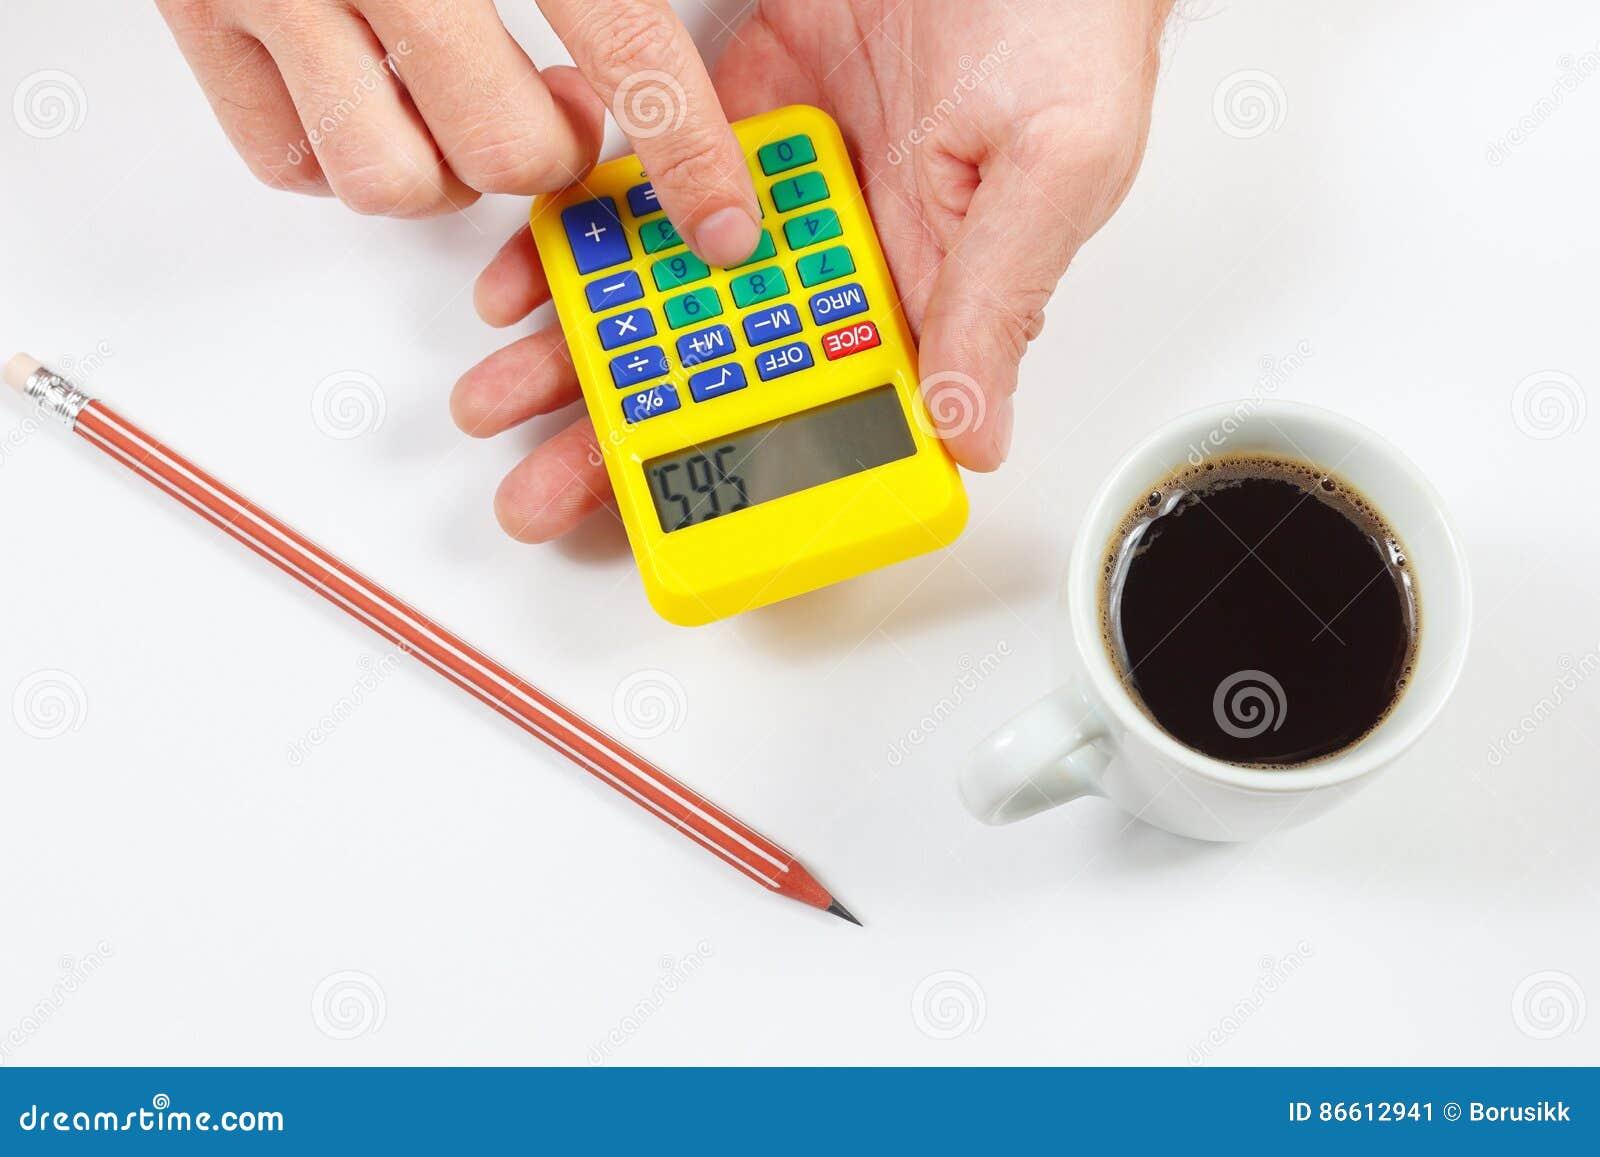 Les mains calculent utilisant une calculette sur le fond blanc